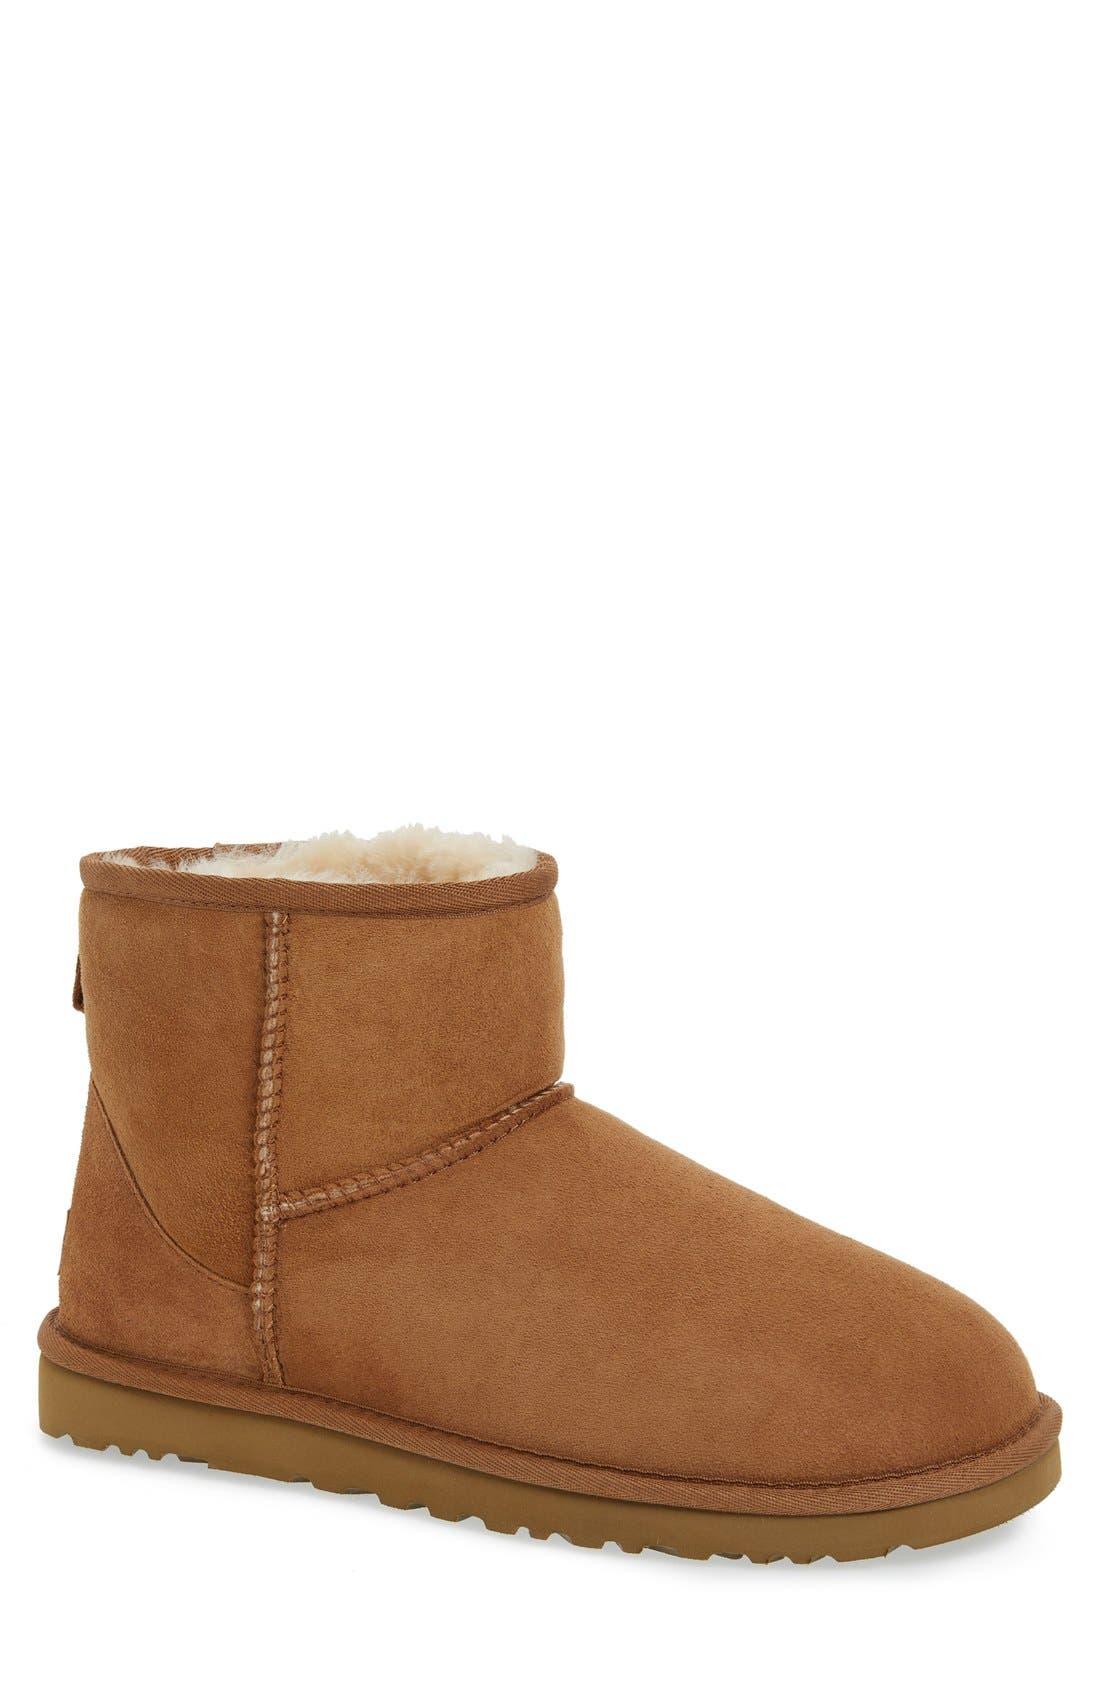 Ugg Classic Mini Boot, Brown